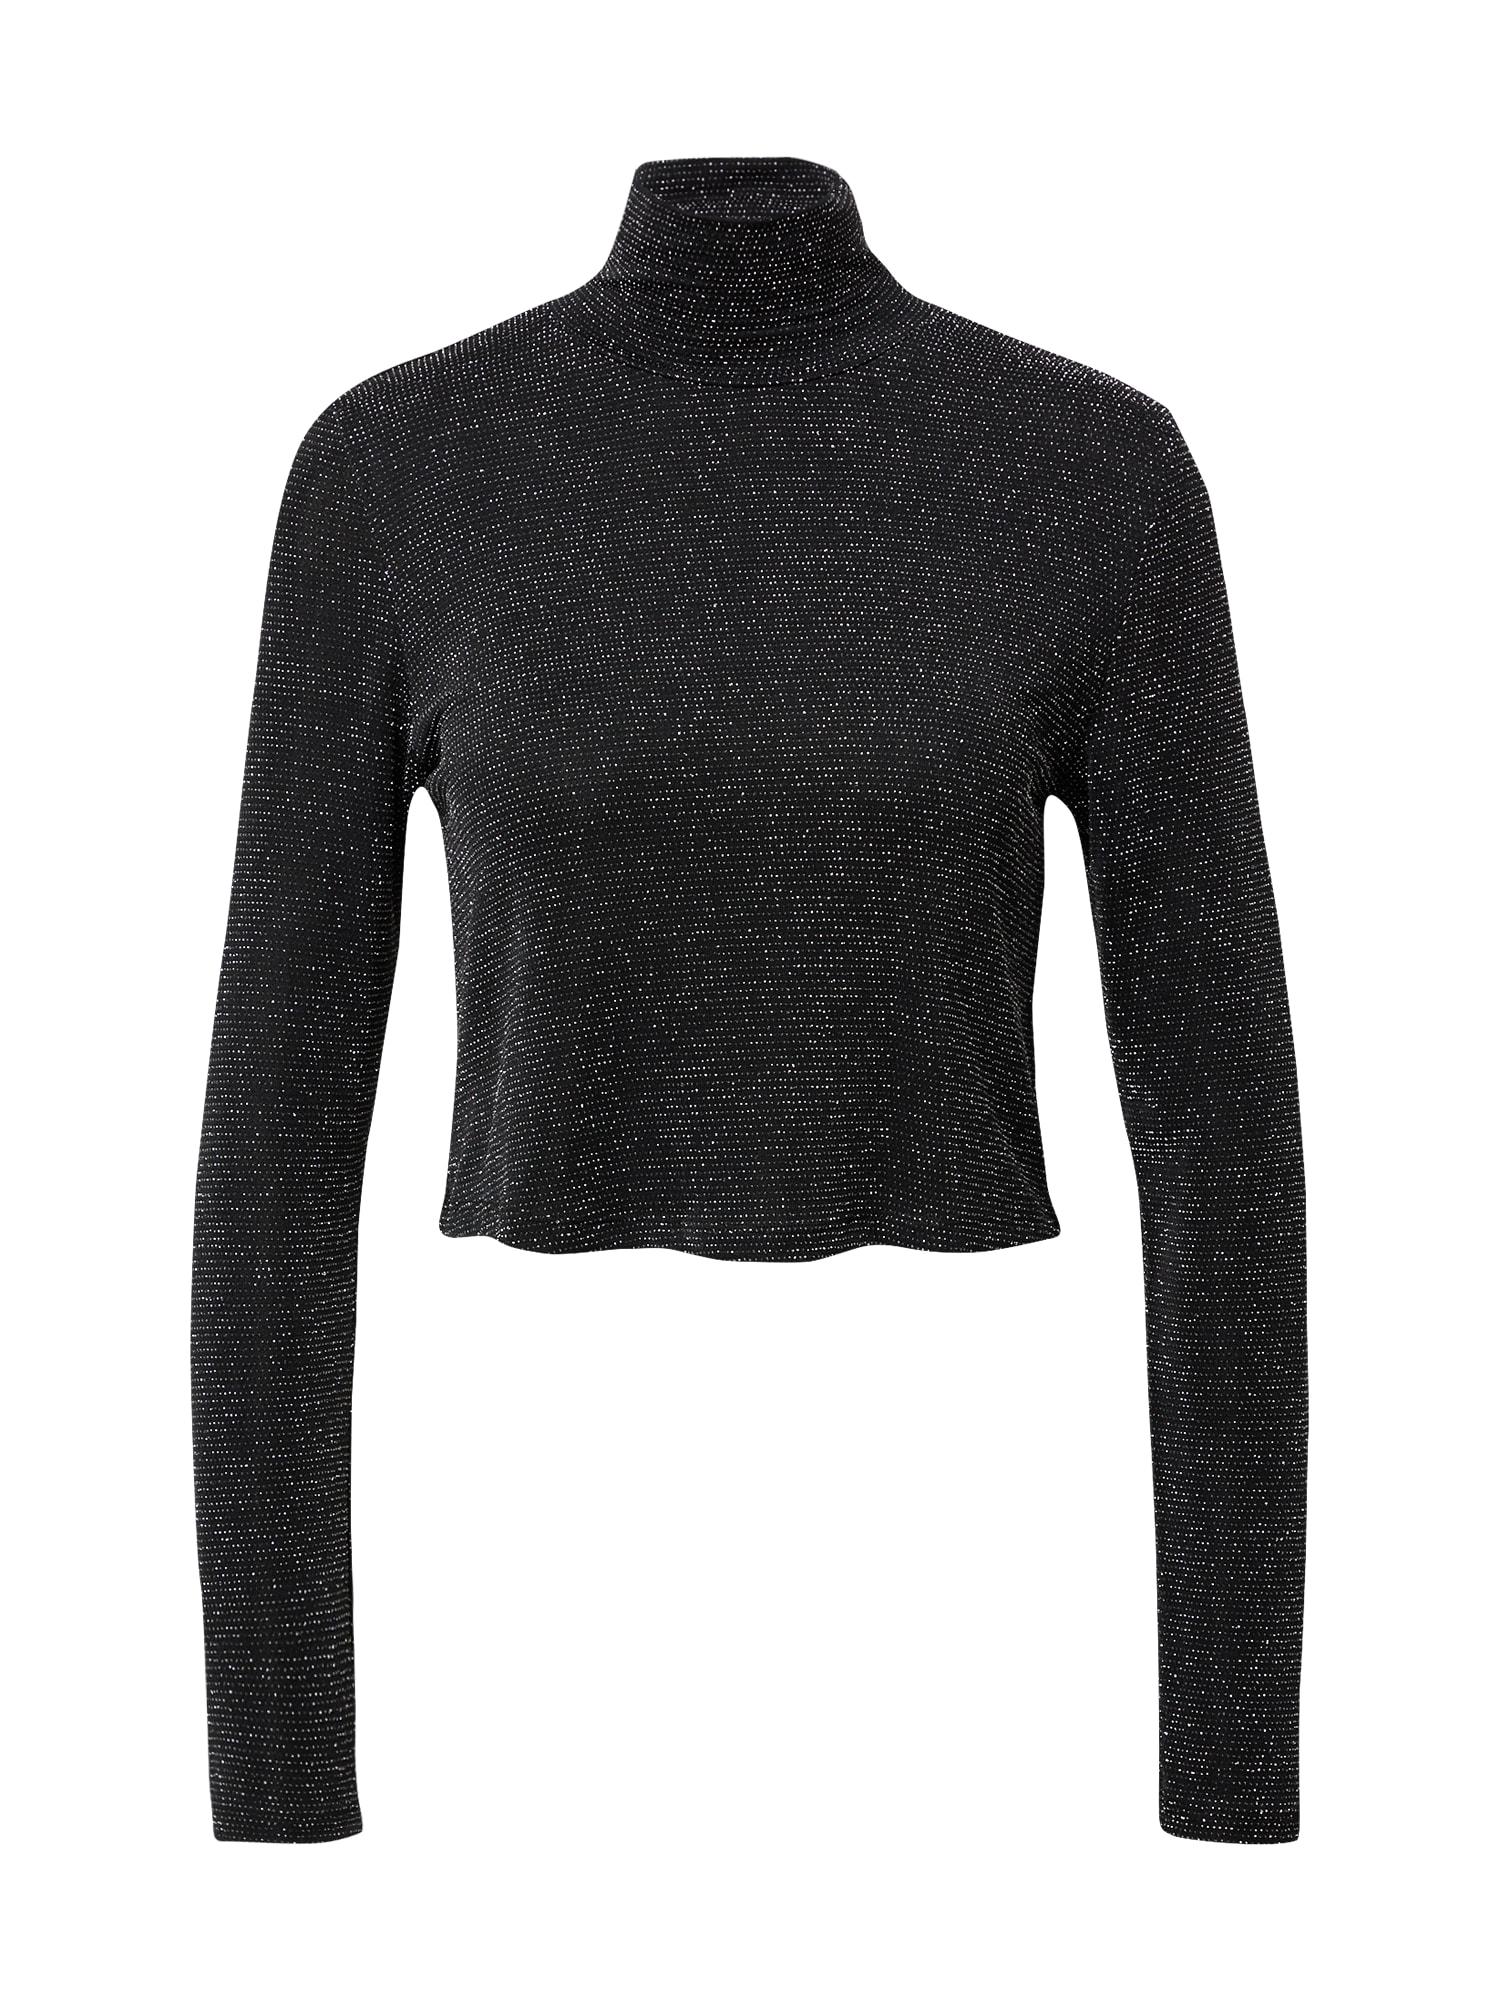 KENDALL + KYLIE Marškinėliai sidabro pilka / juoda